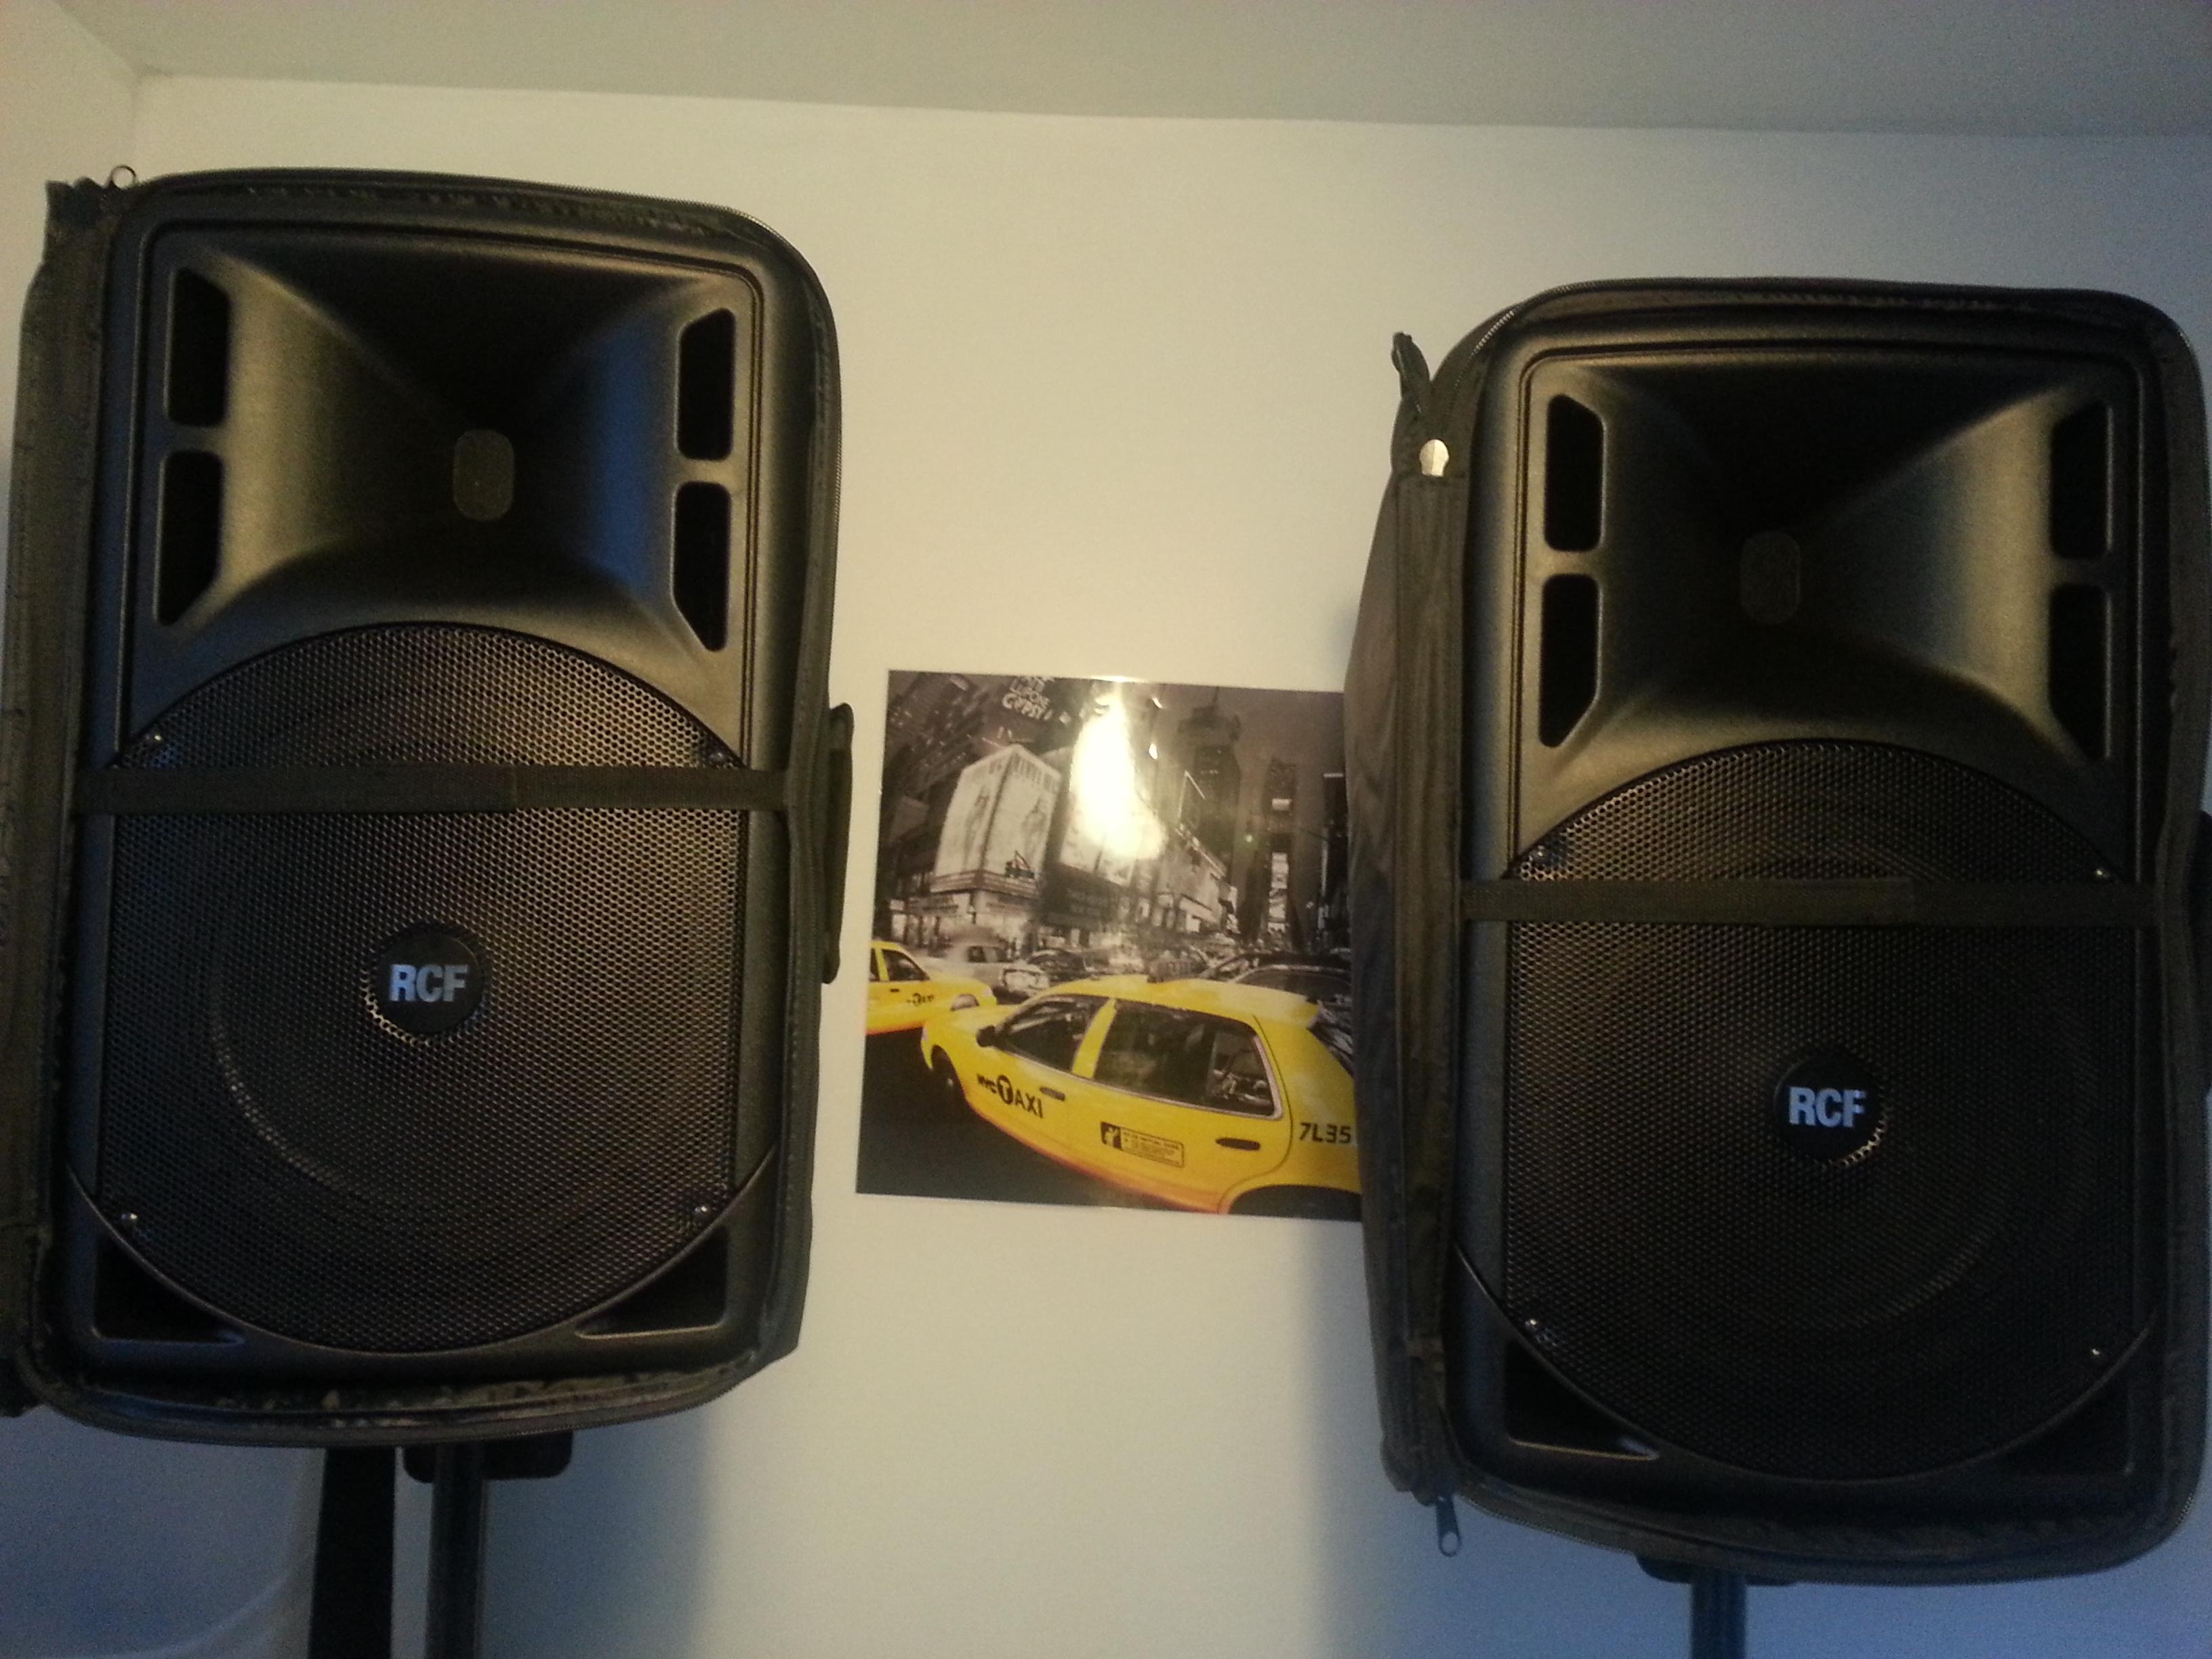 Mercatino. usati - nuovi CASSE su e Strumenti RCF Musicali